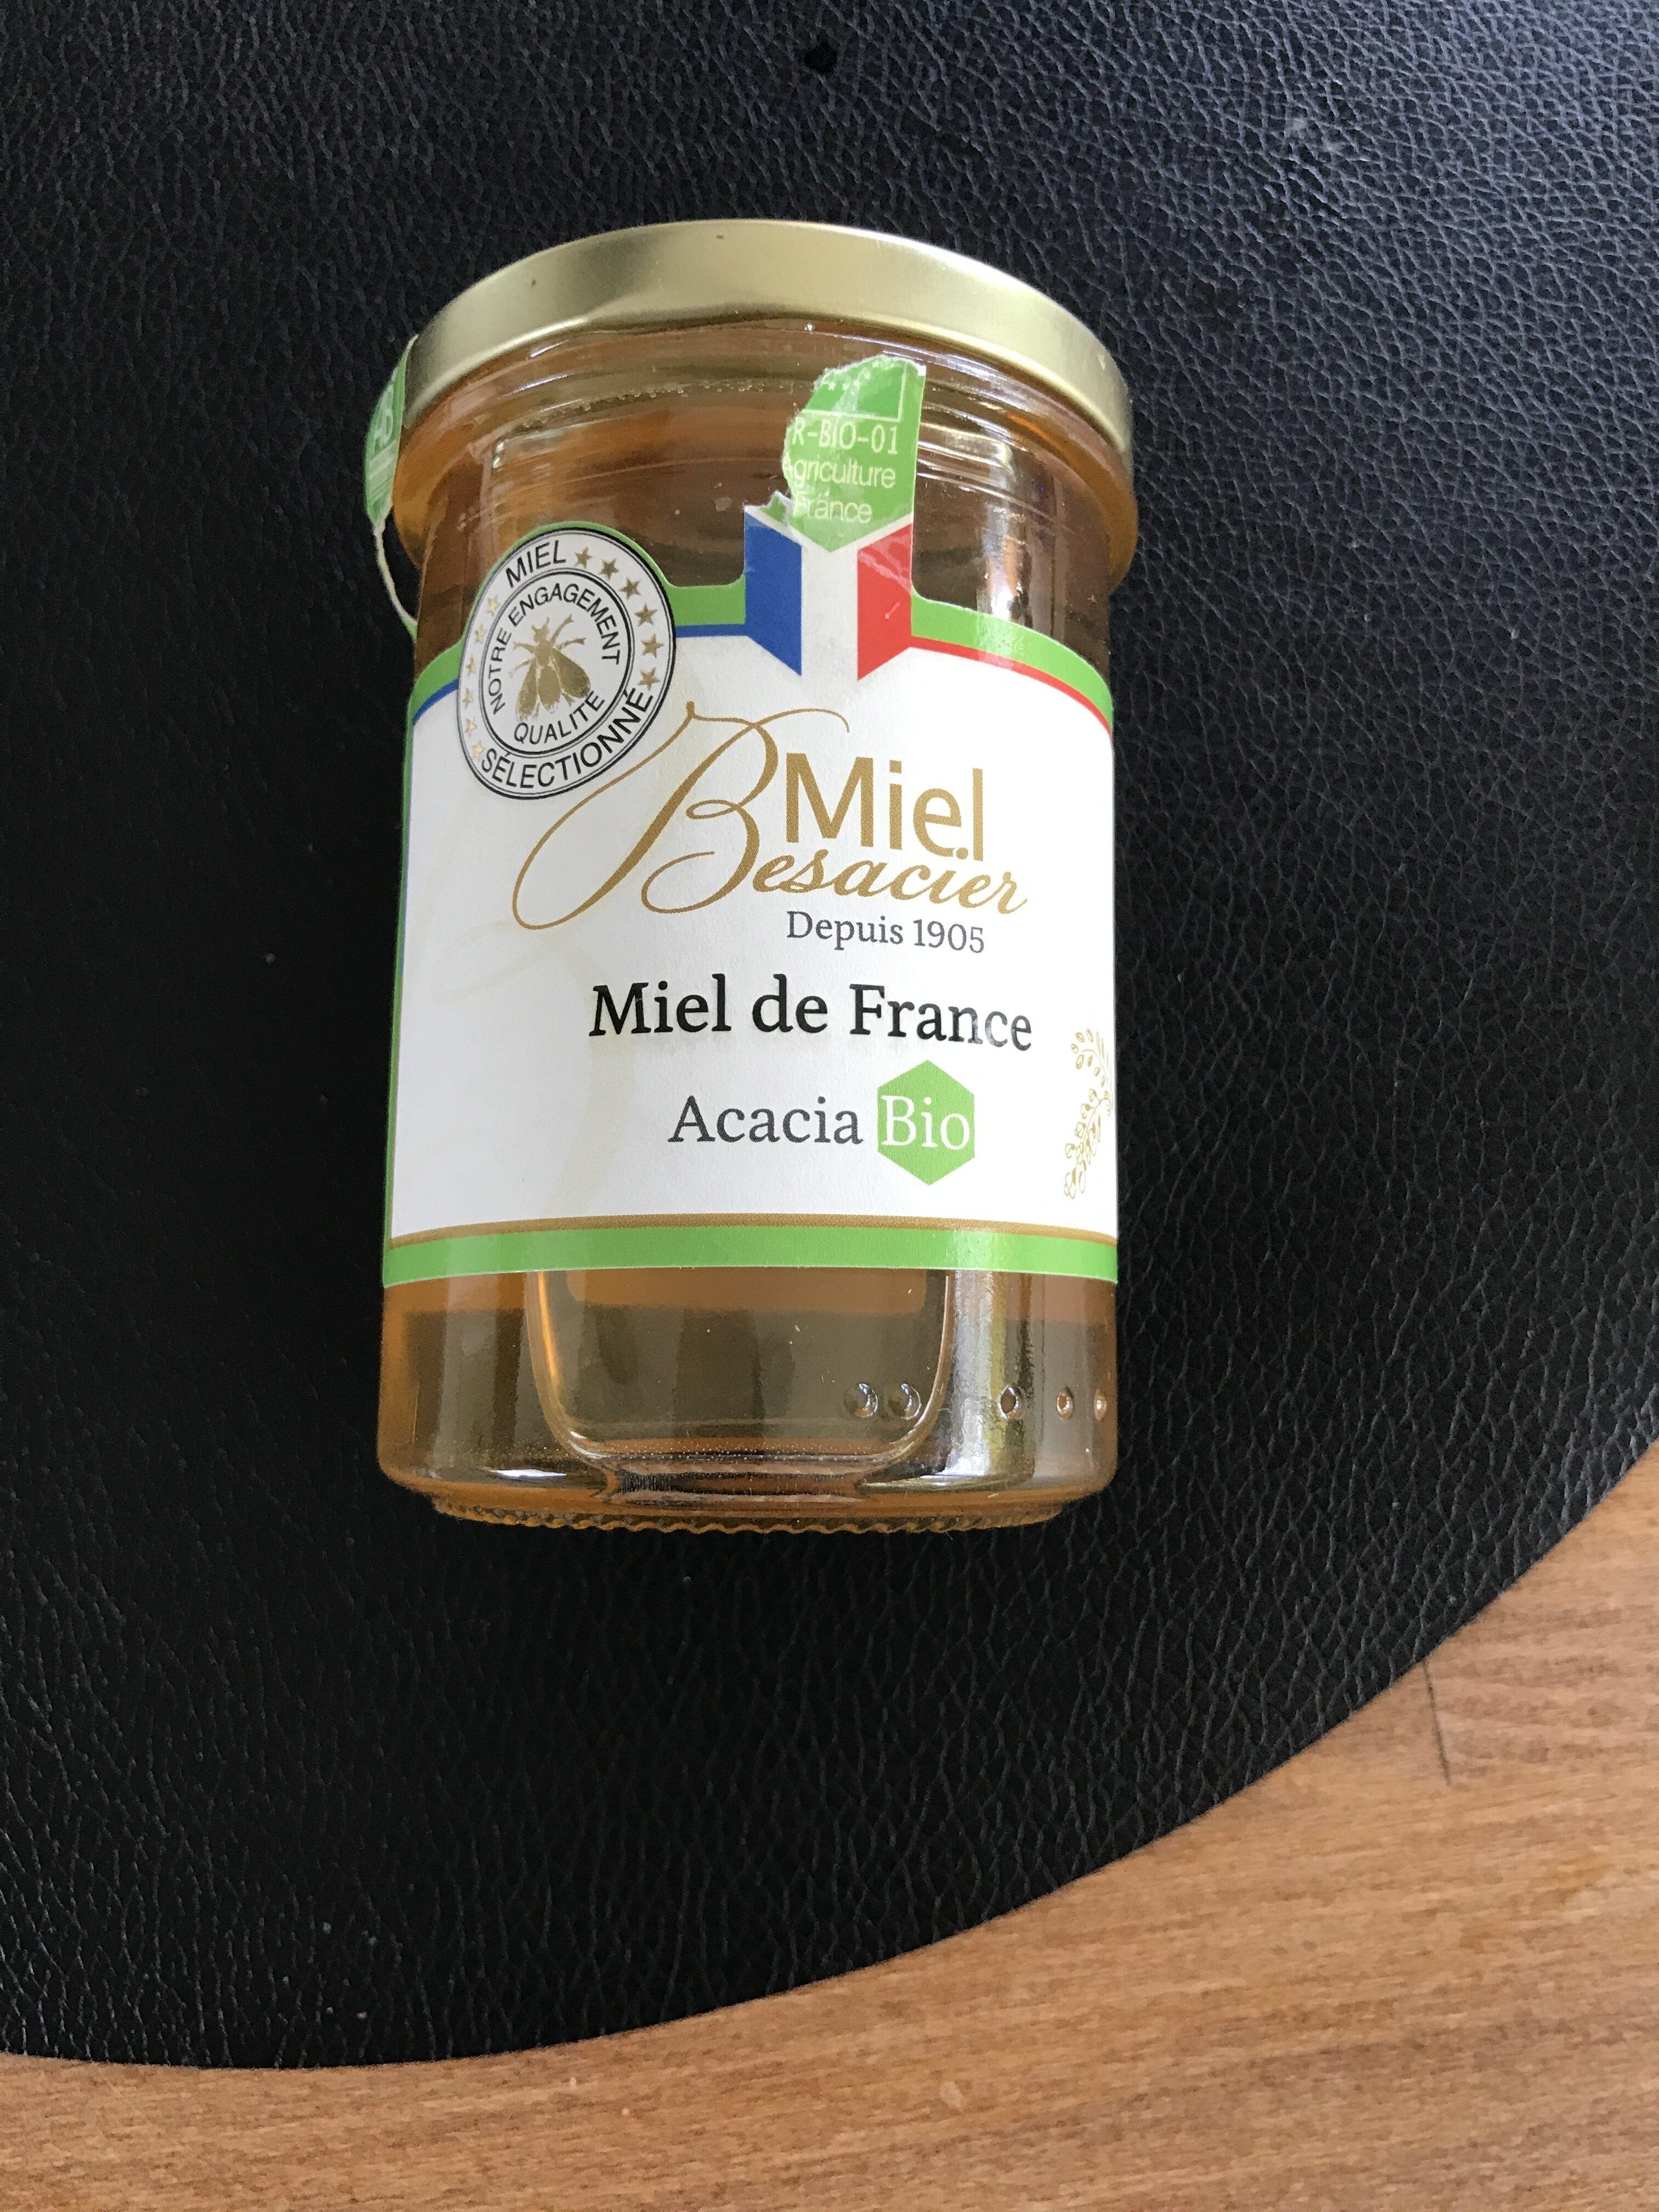 Miel besacier - Product - fr